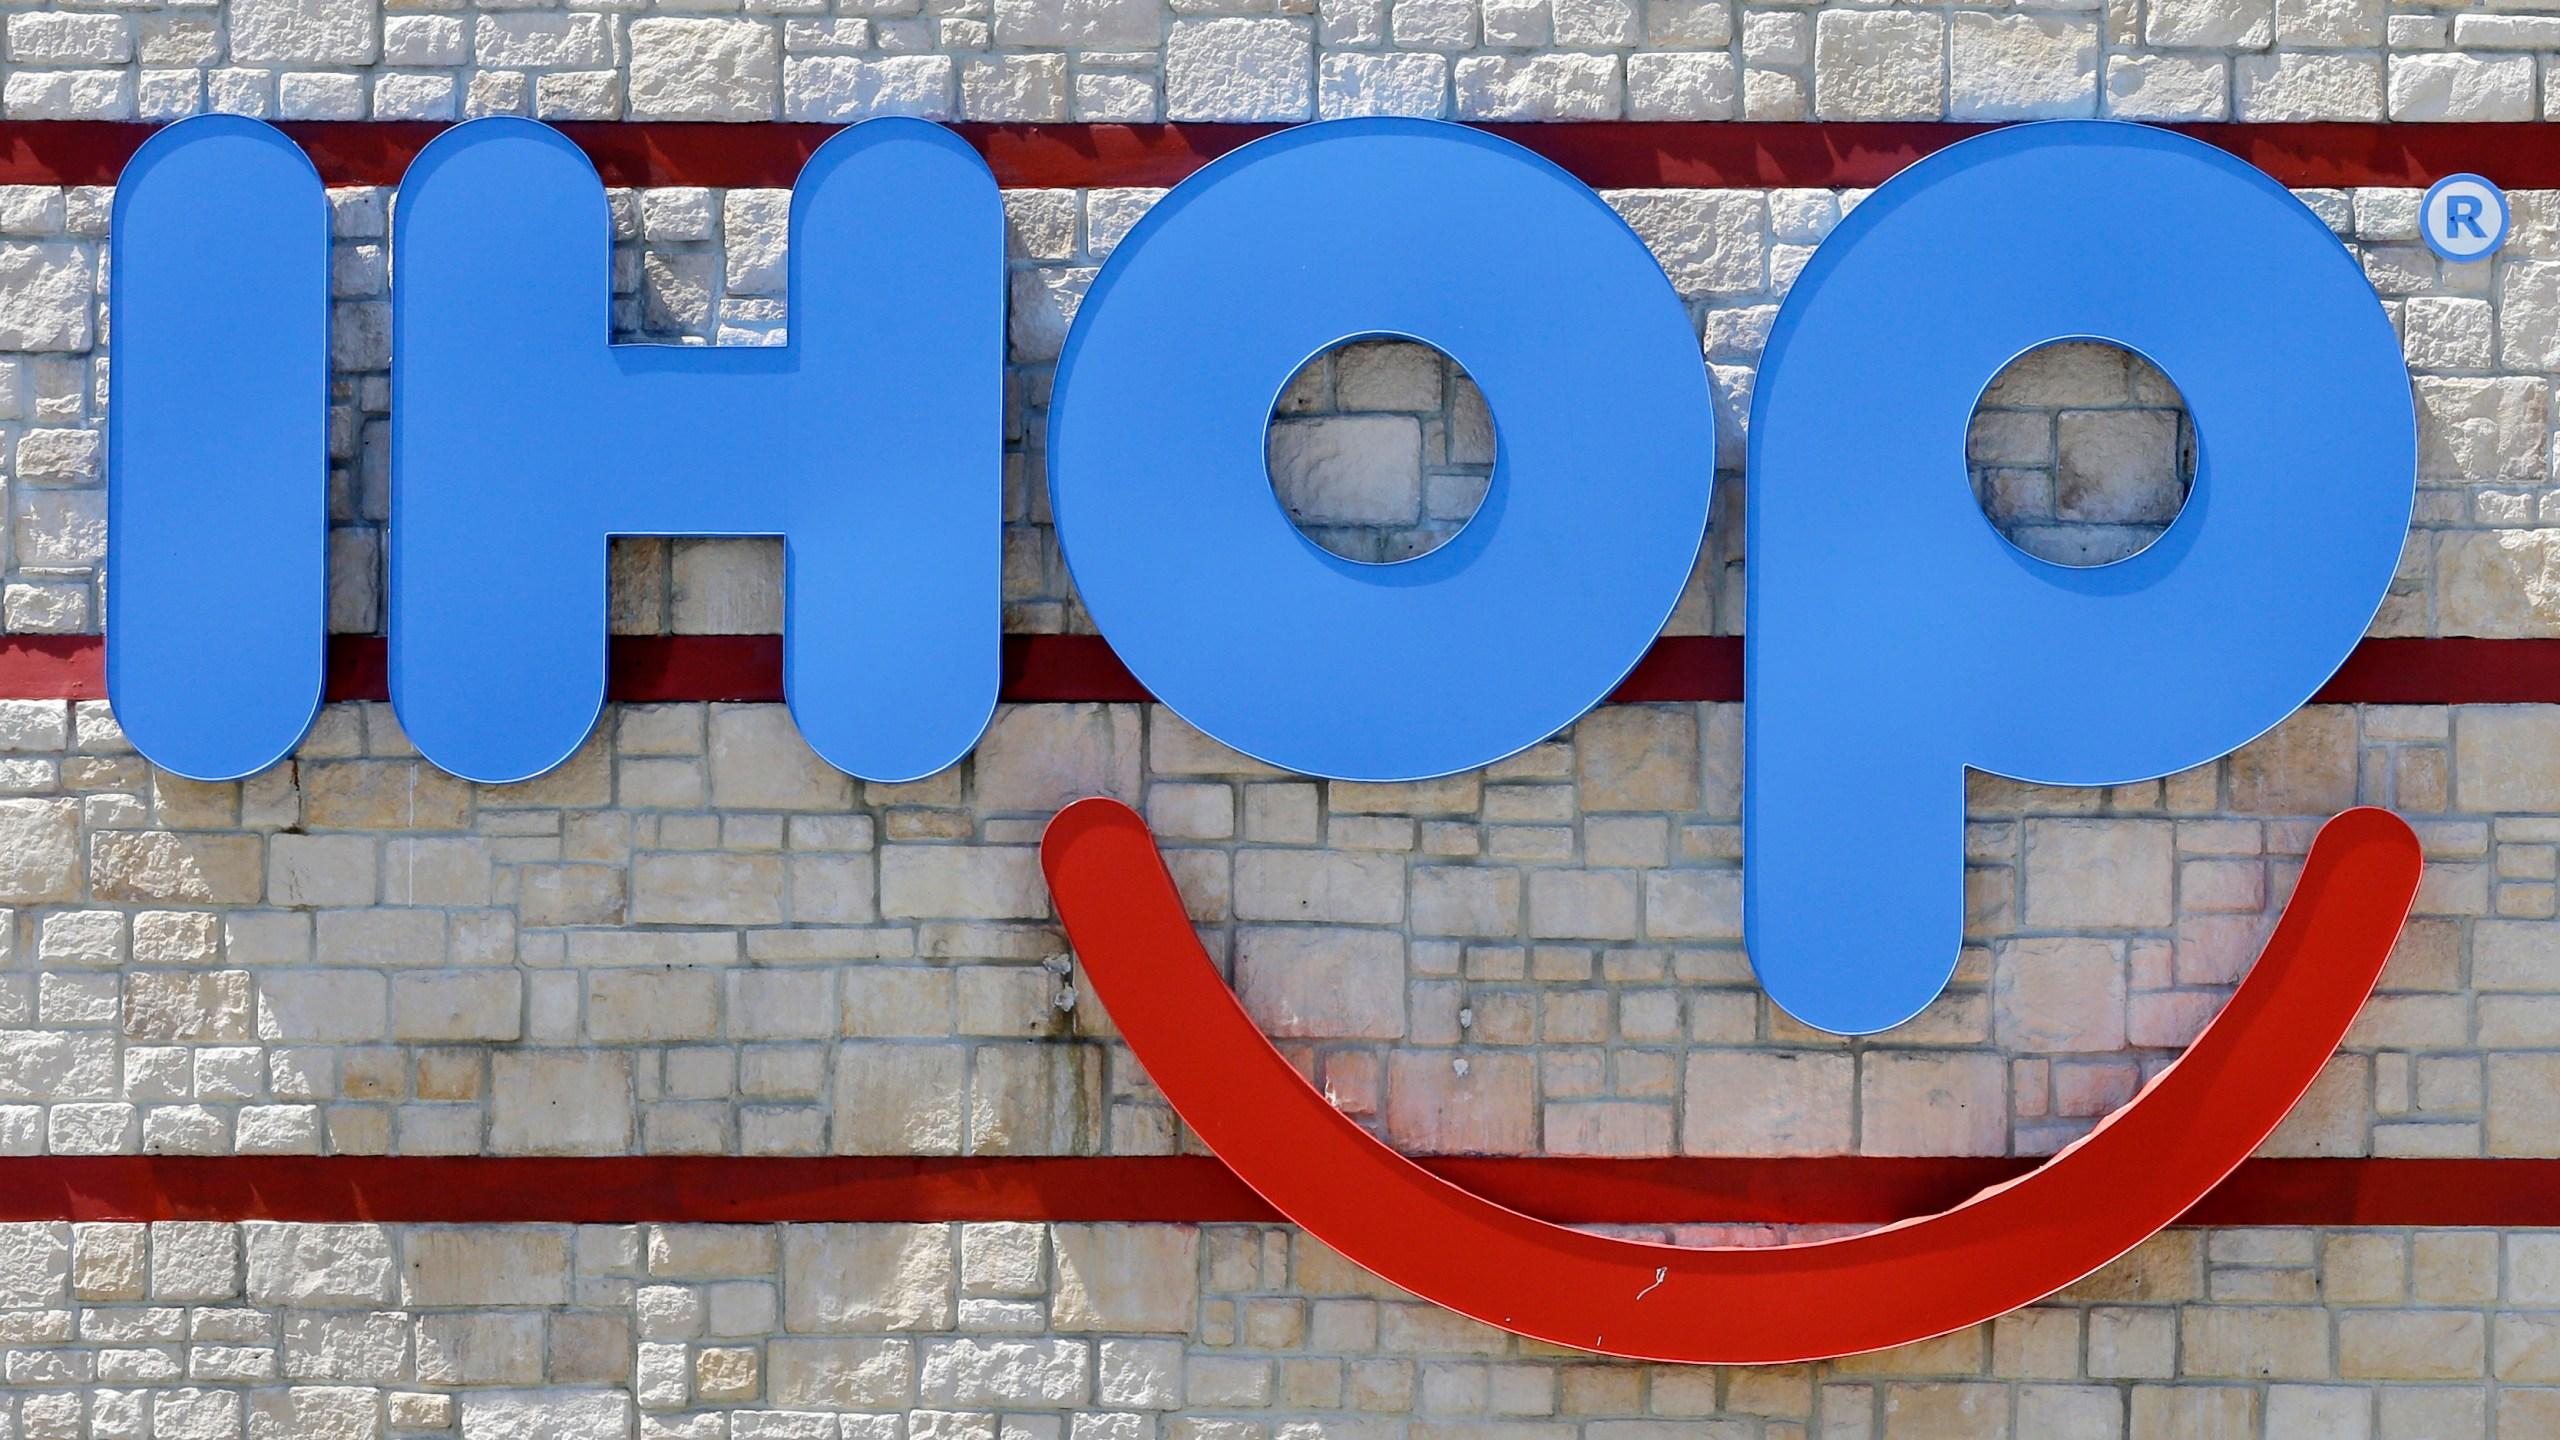 IHOP_Burgers_89288-159532.jpg13539095